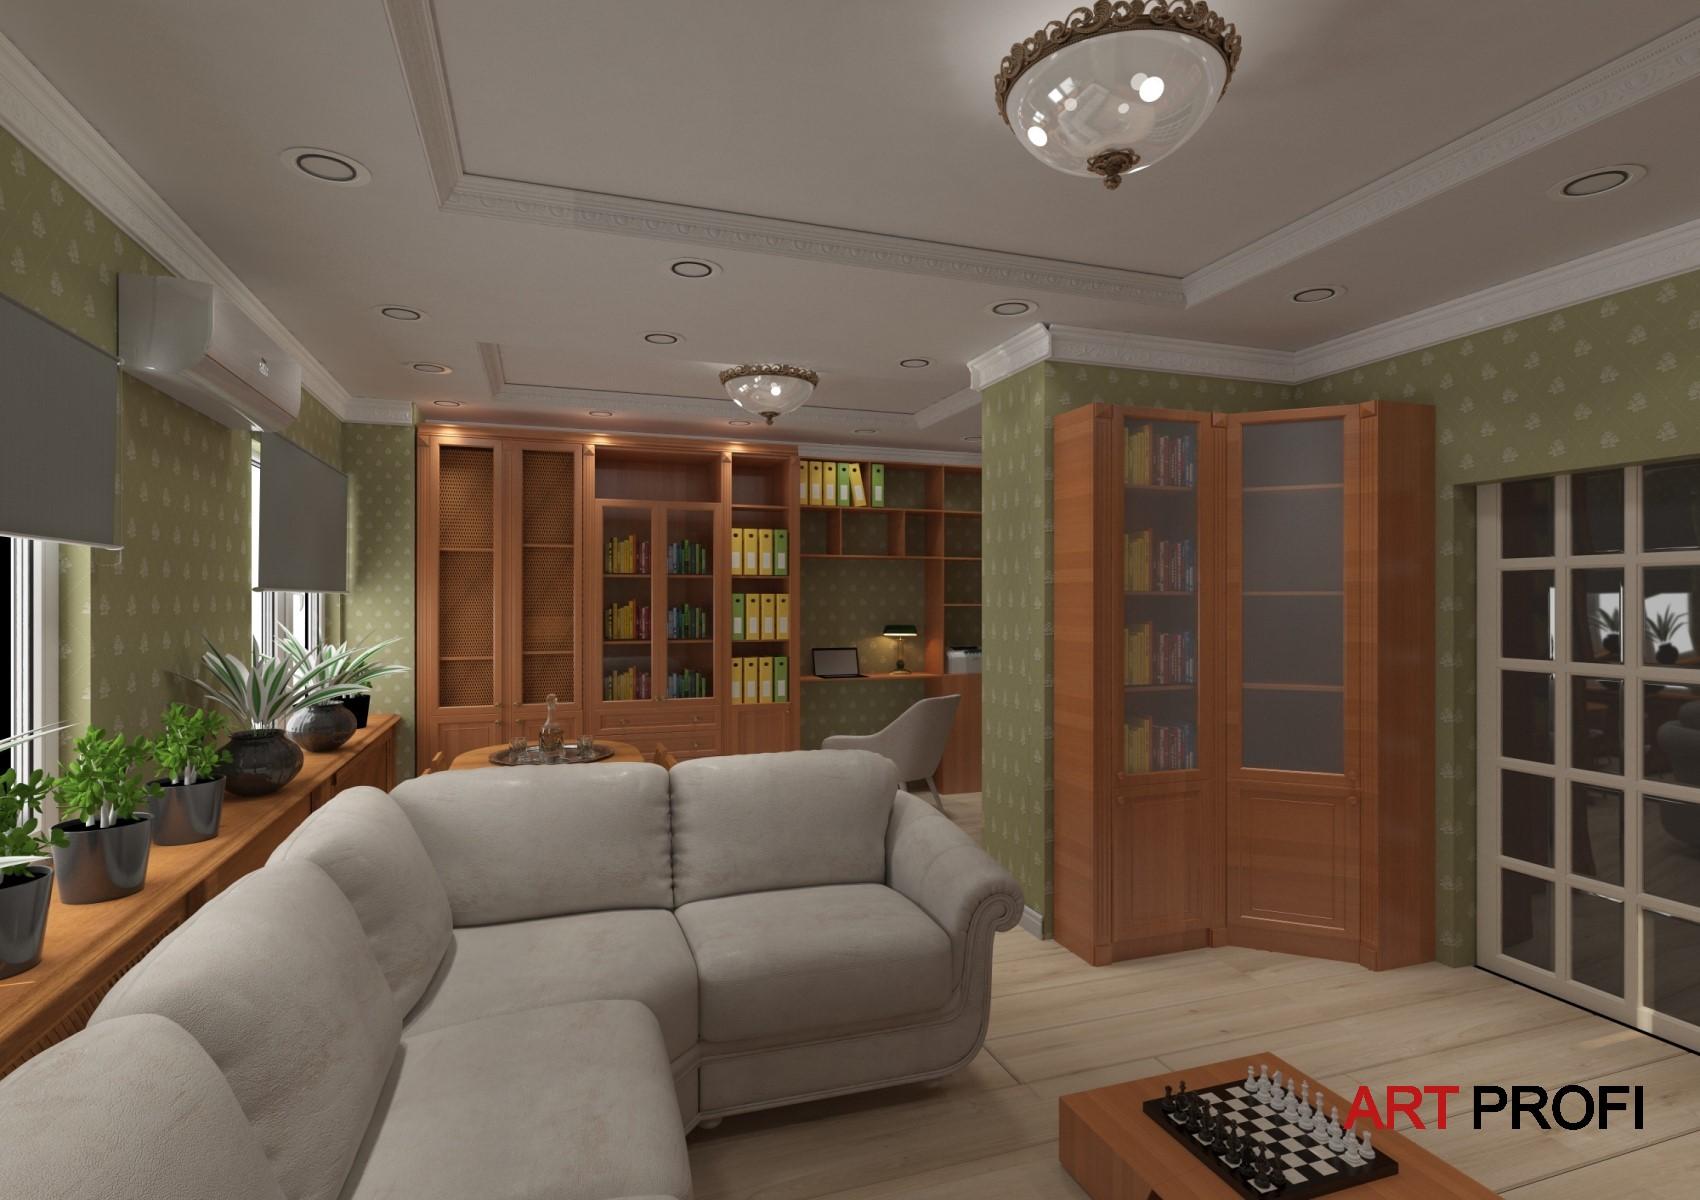 Ремонт квартир. Картинка будущей гостинной.